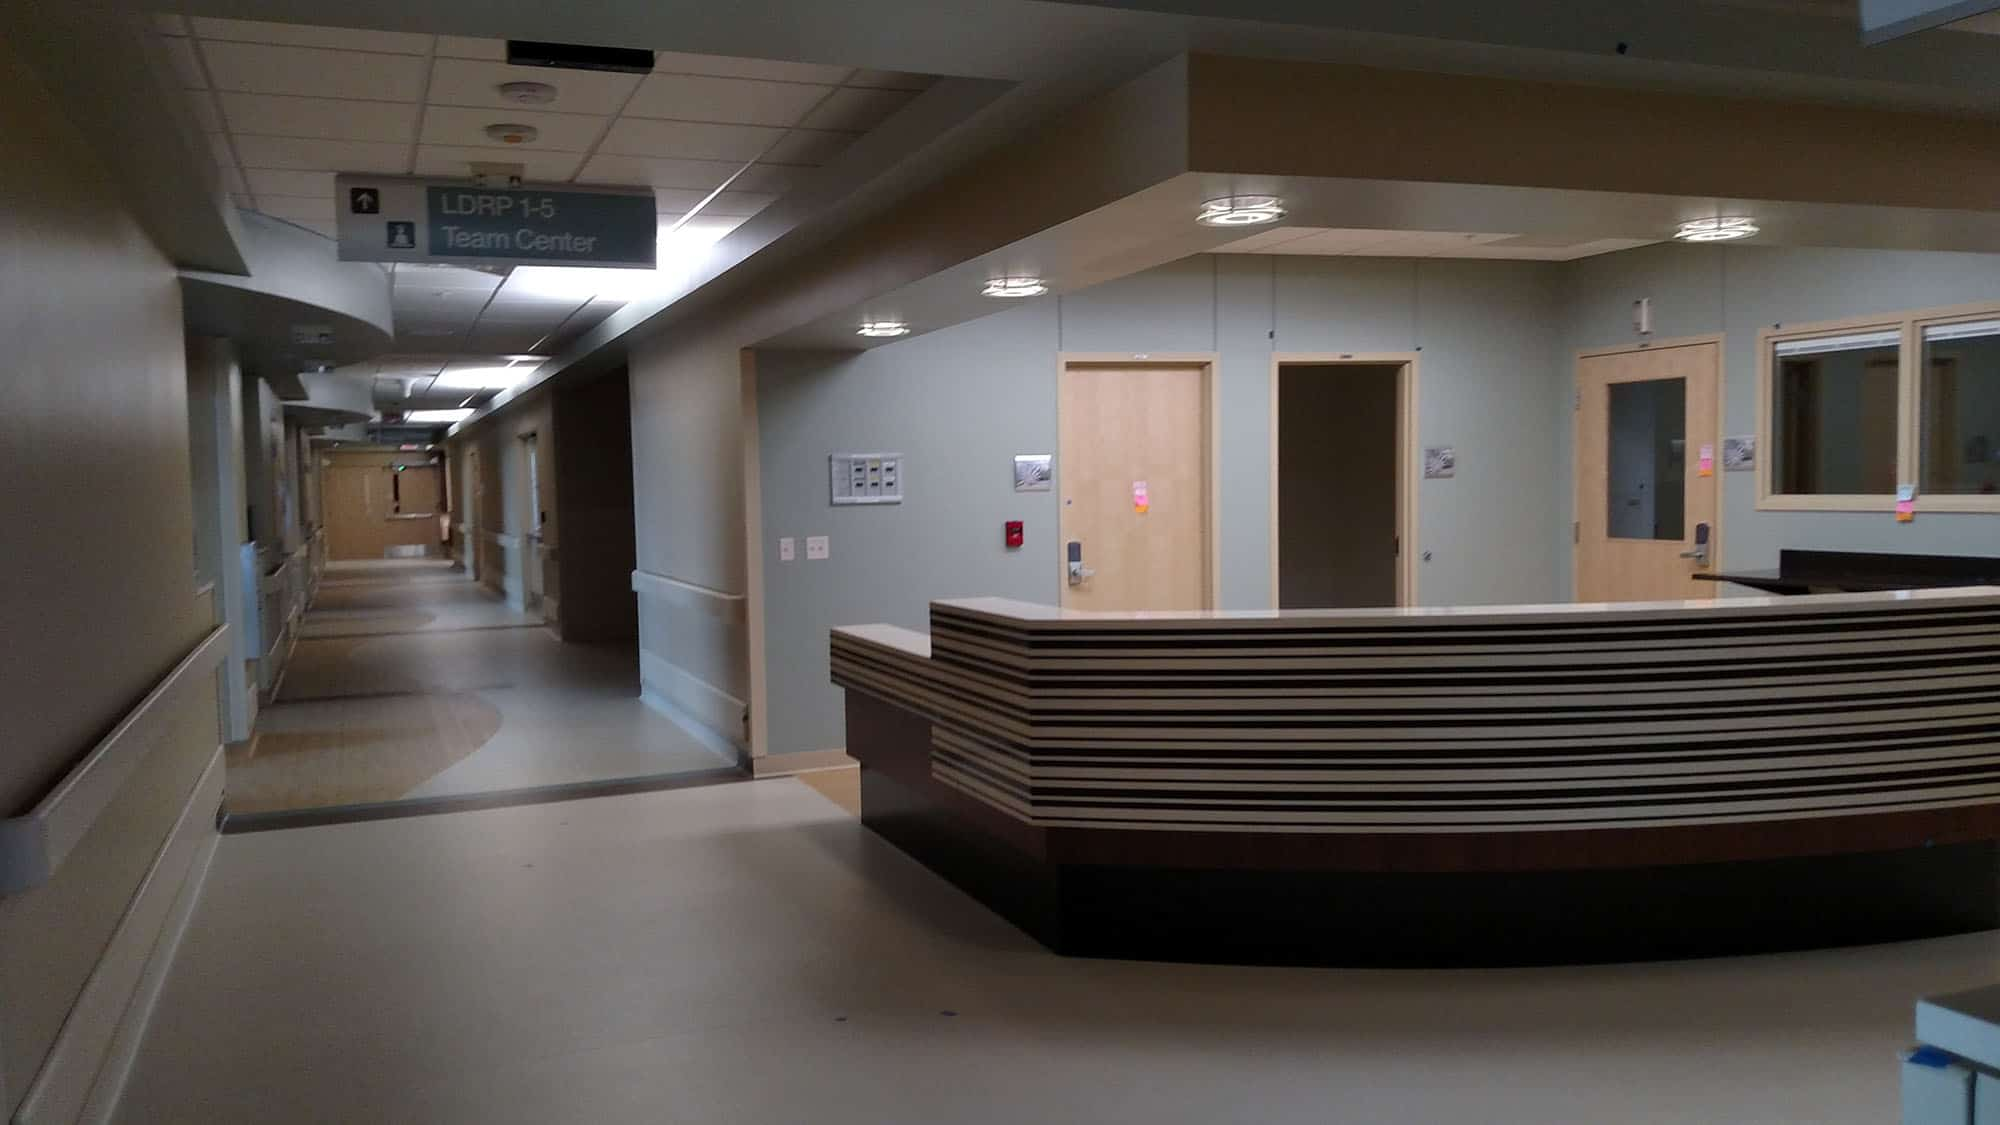 IMG_20141205_145151217IRwin Army Hospital